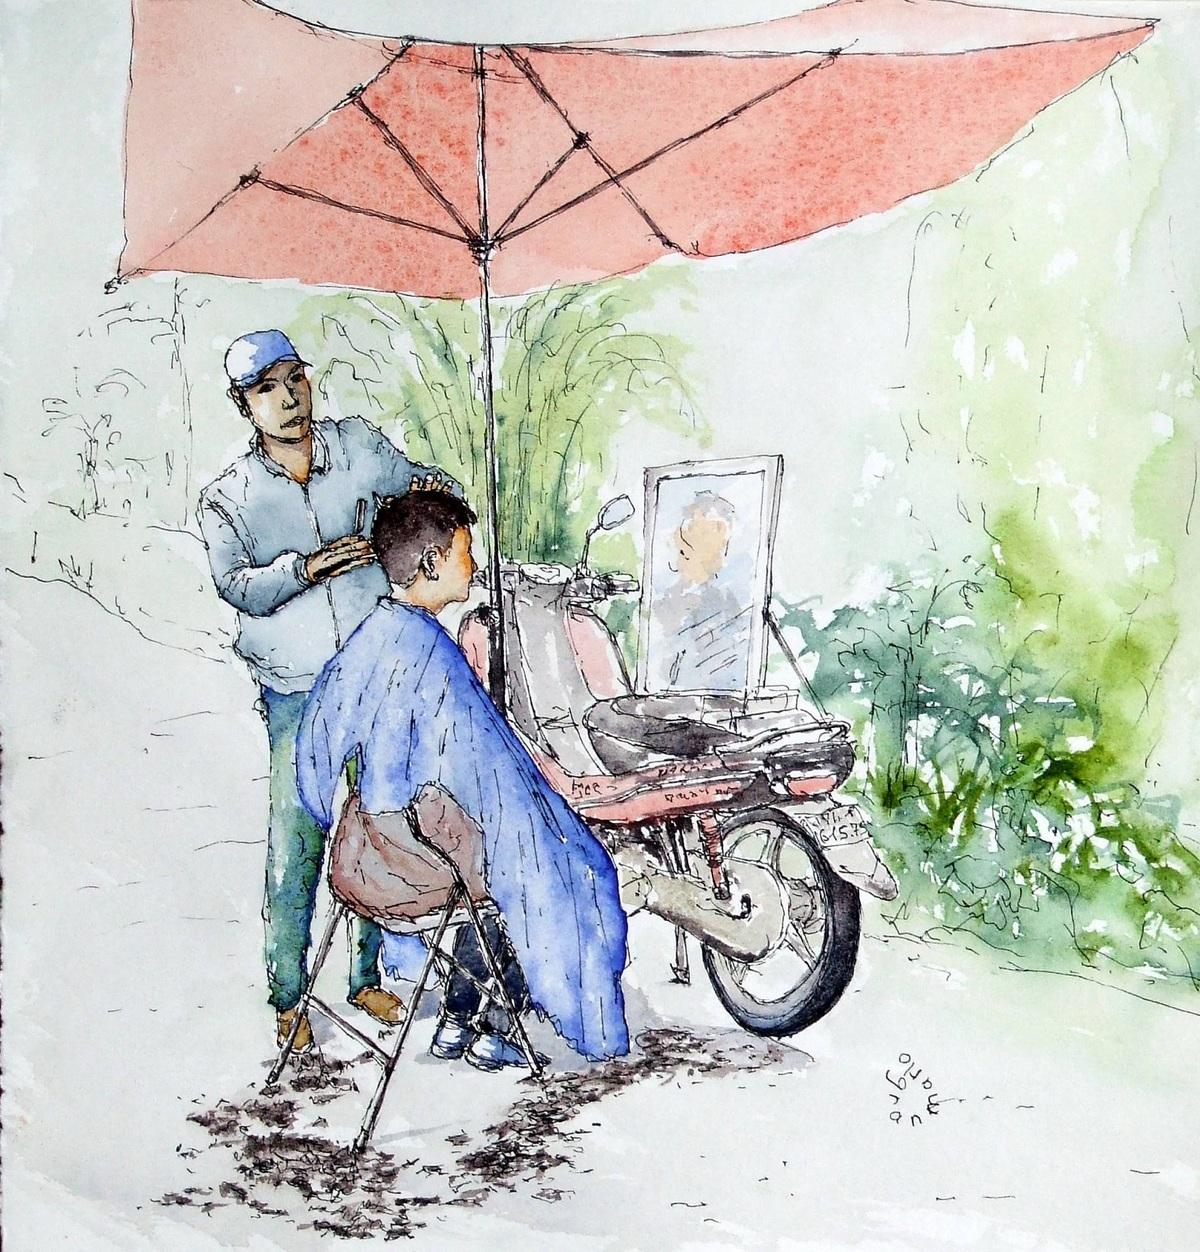 Du khách Pháp ca ngợi Việt Nam qua tranh vẽ